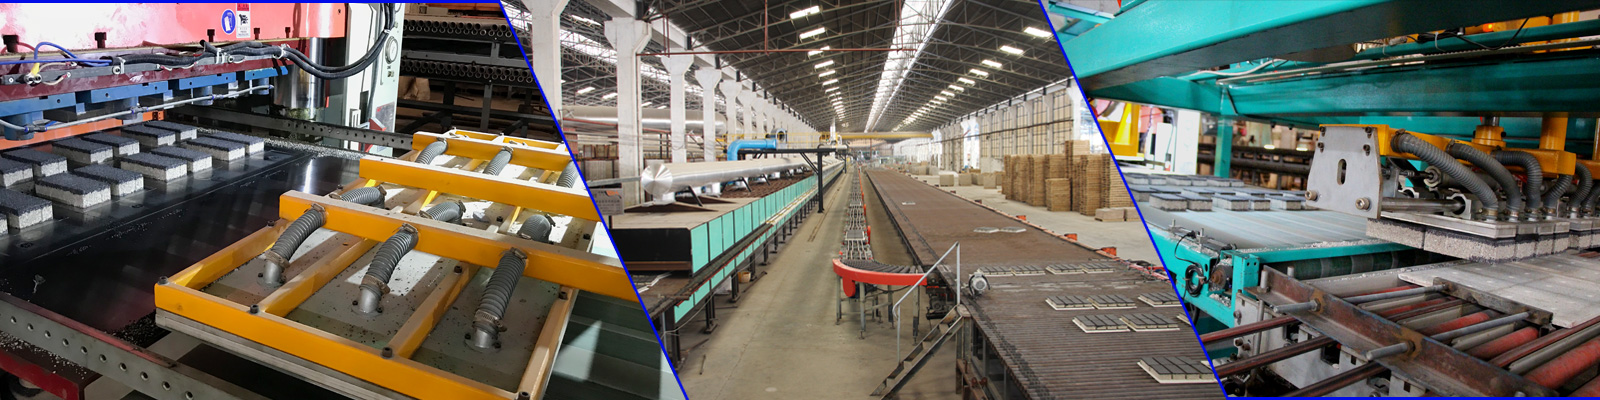 清远市美邦陶瓷实业有限公司